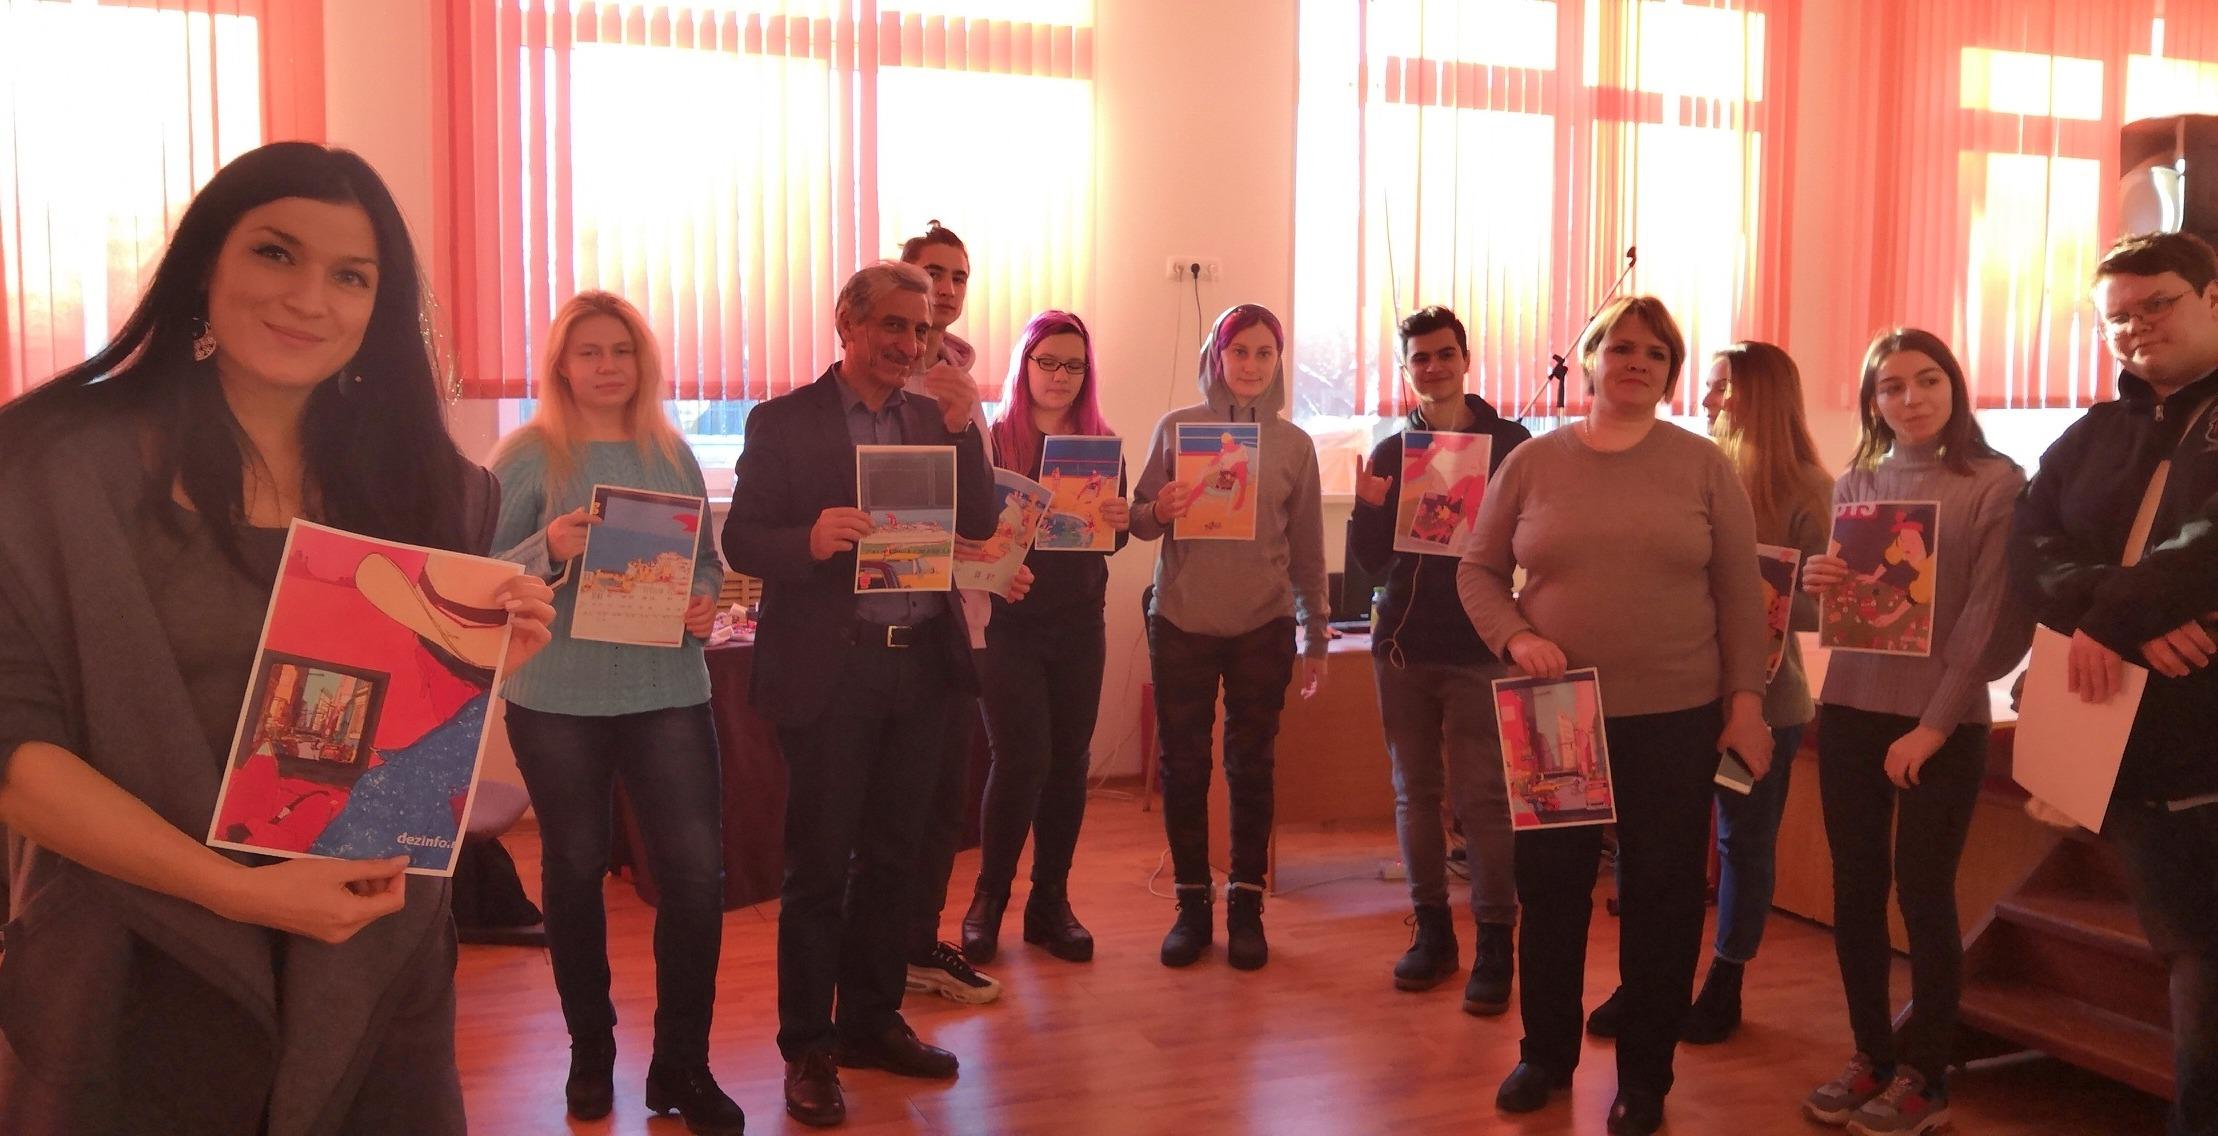 IVсеминар для учащихся колледжей Москвы пововлечению молодежи вдобровольческую деятельность